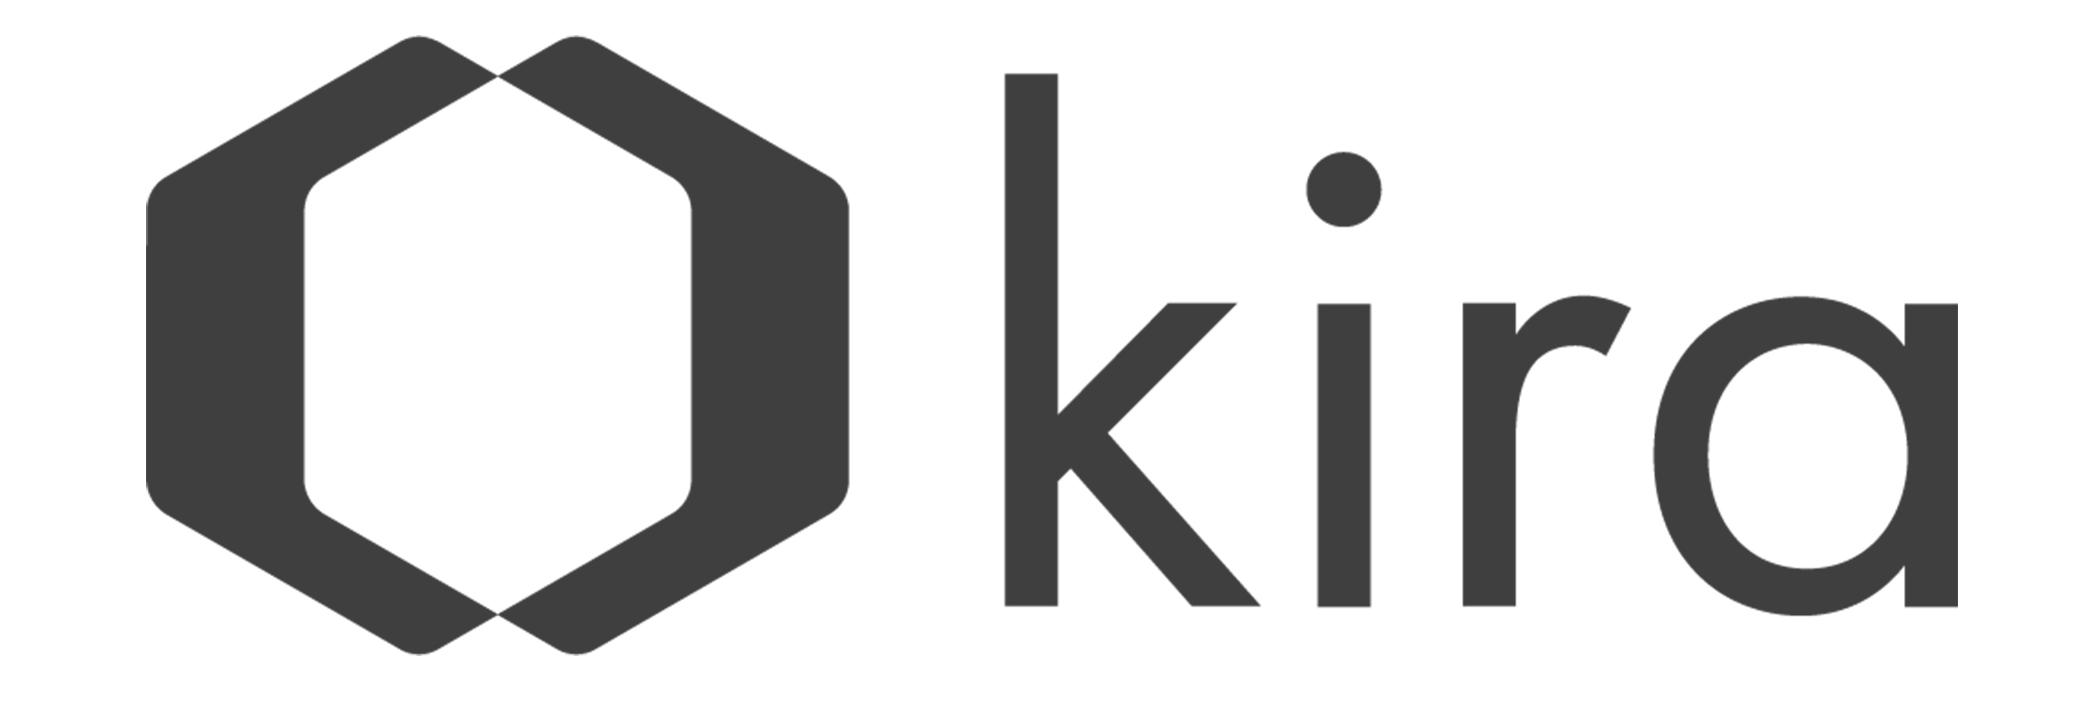 Kira BW.jpg